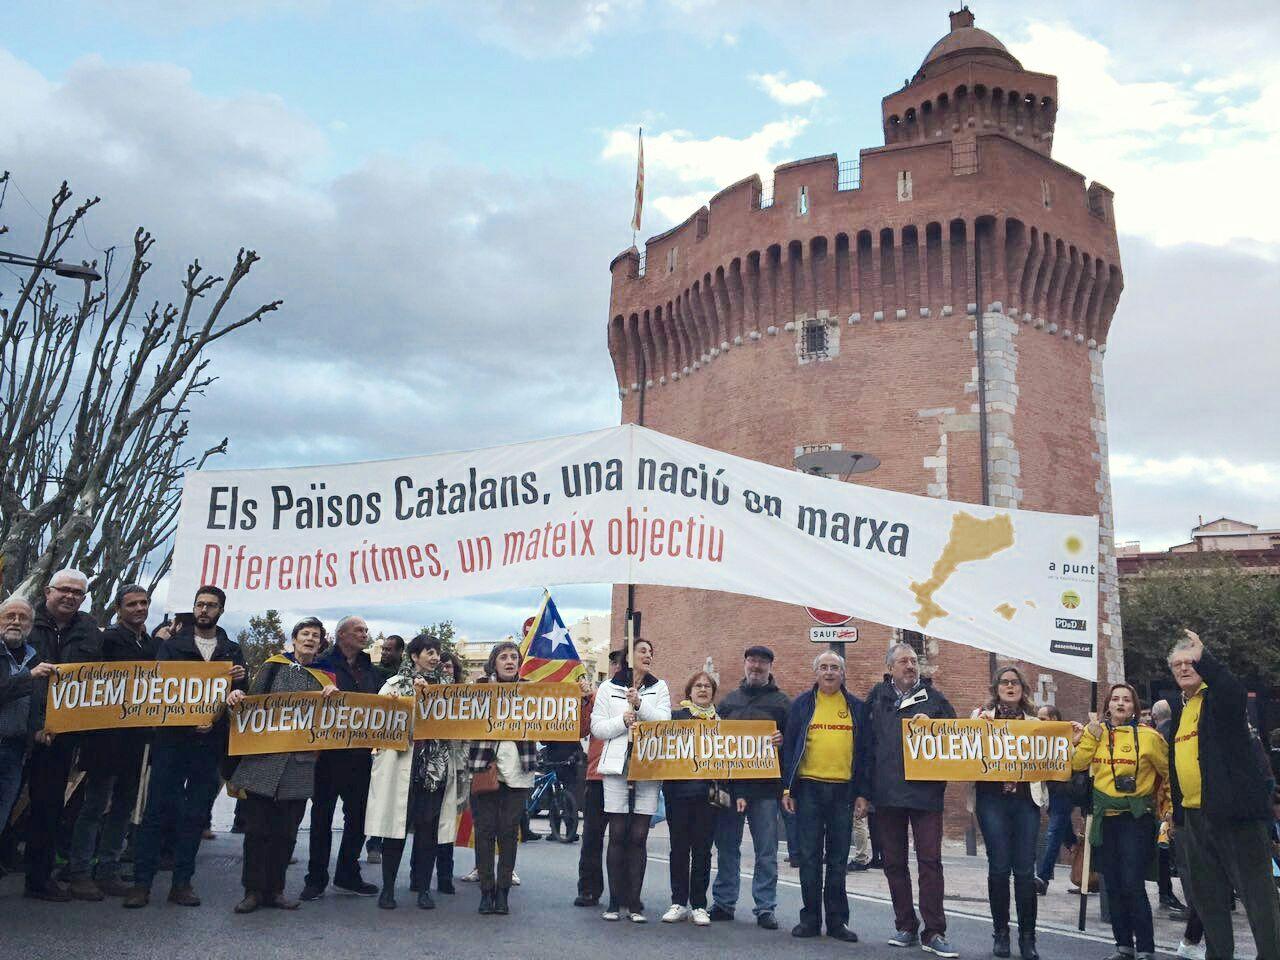 Elks Països Catalans, una nació en marxa. Diferents ritmes, un mateix objectiu.